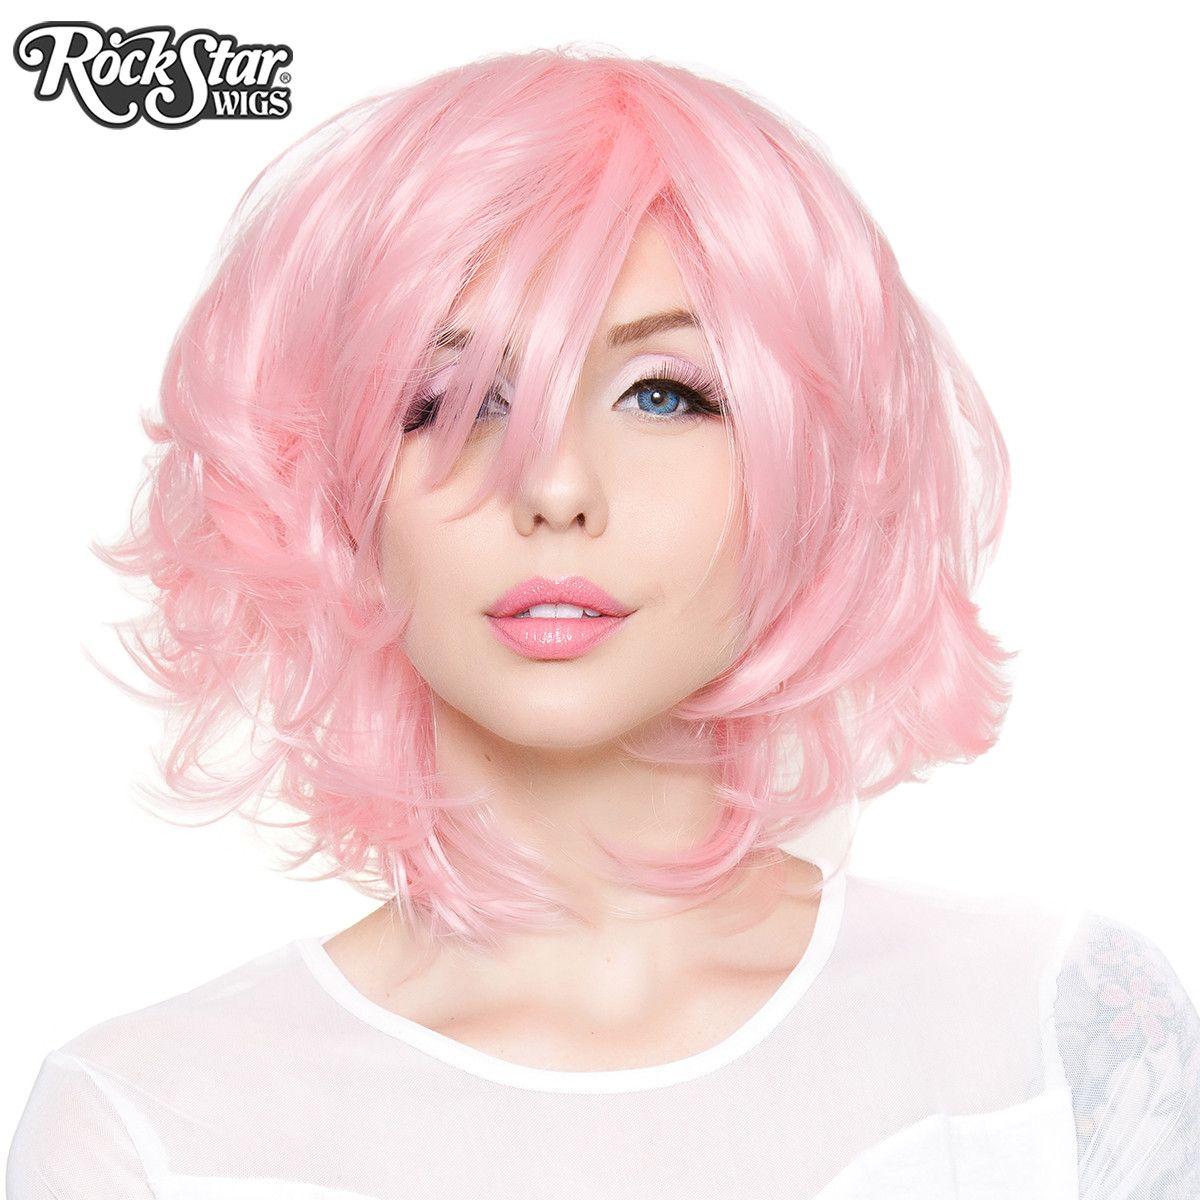 Boy hairstyle wigs cosplay wigs usa boy cut short shag  light powder pink